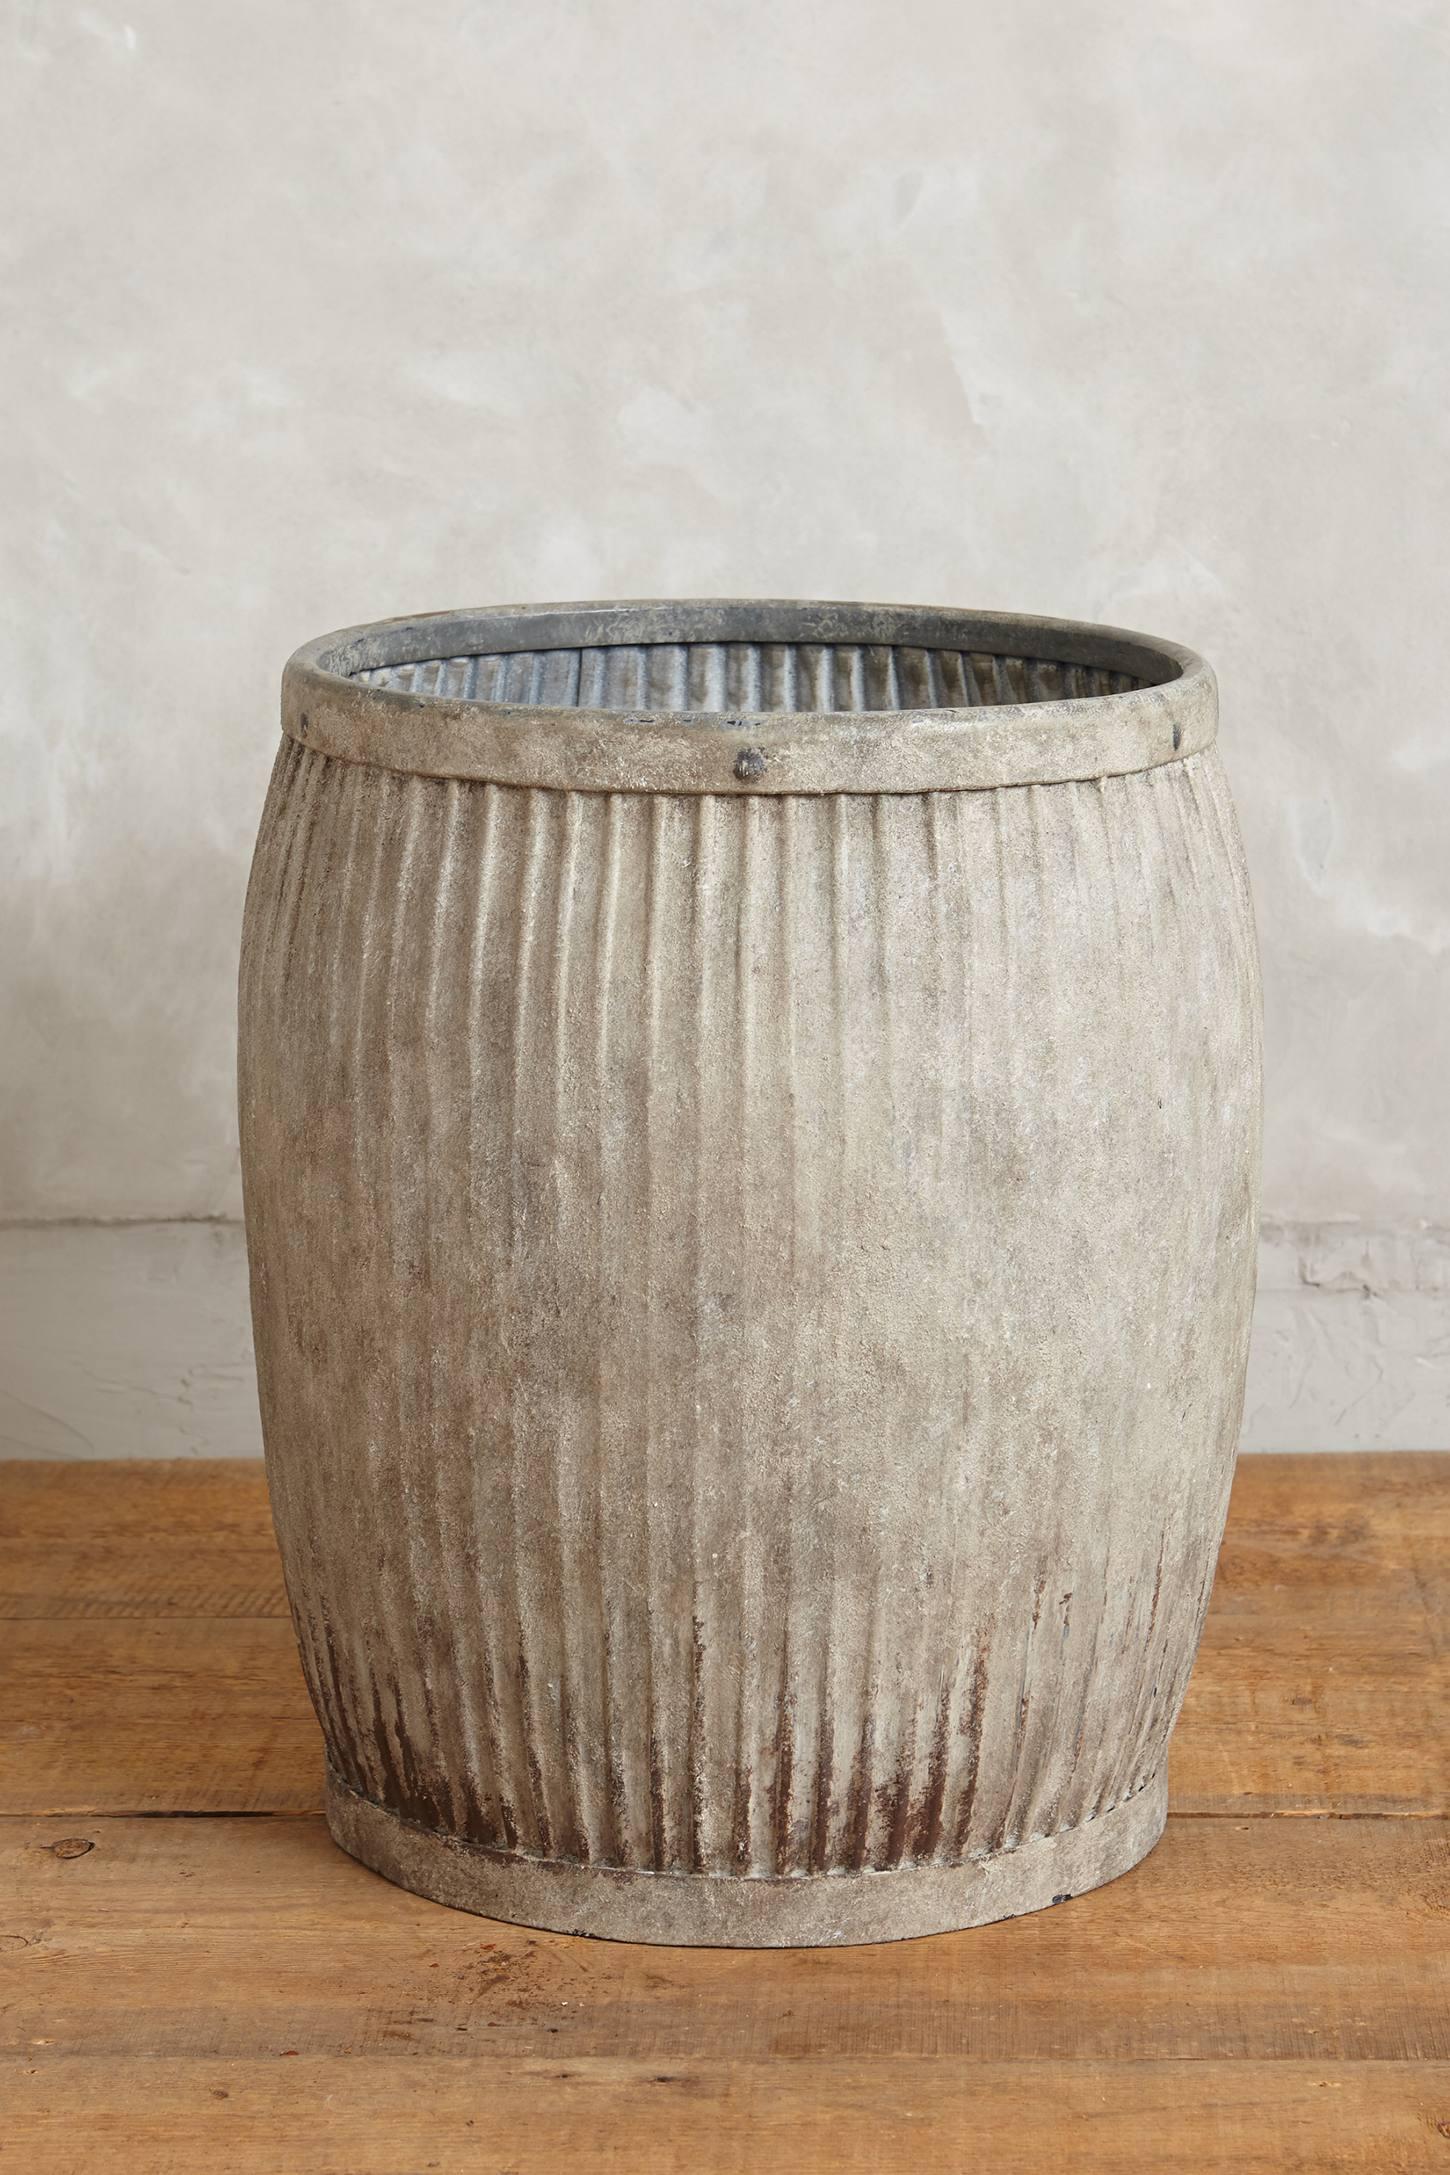 Shabby storage barrel